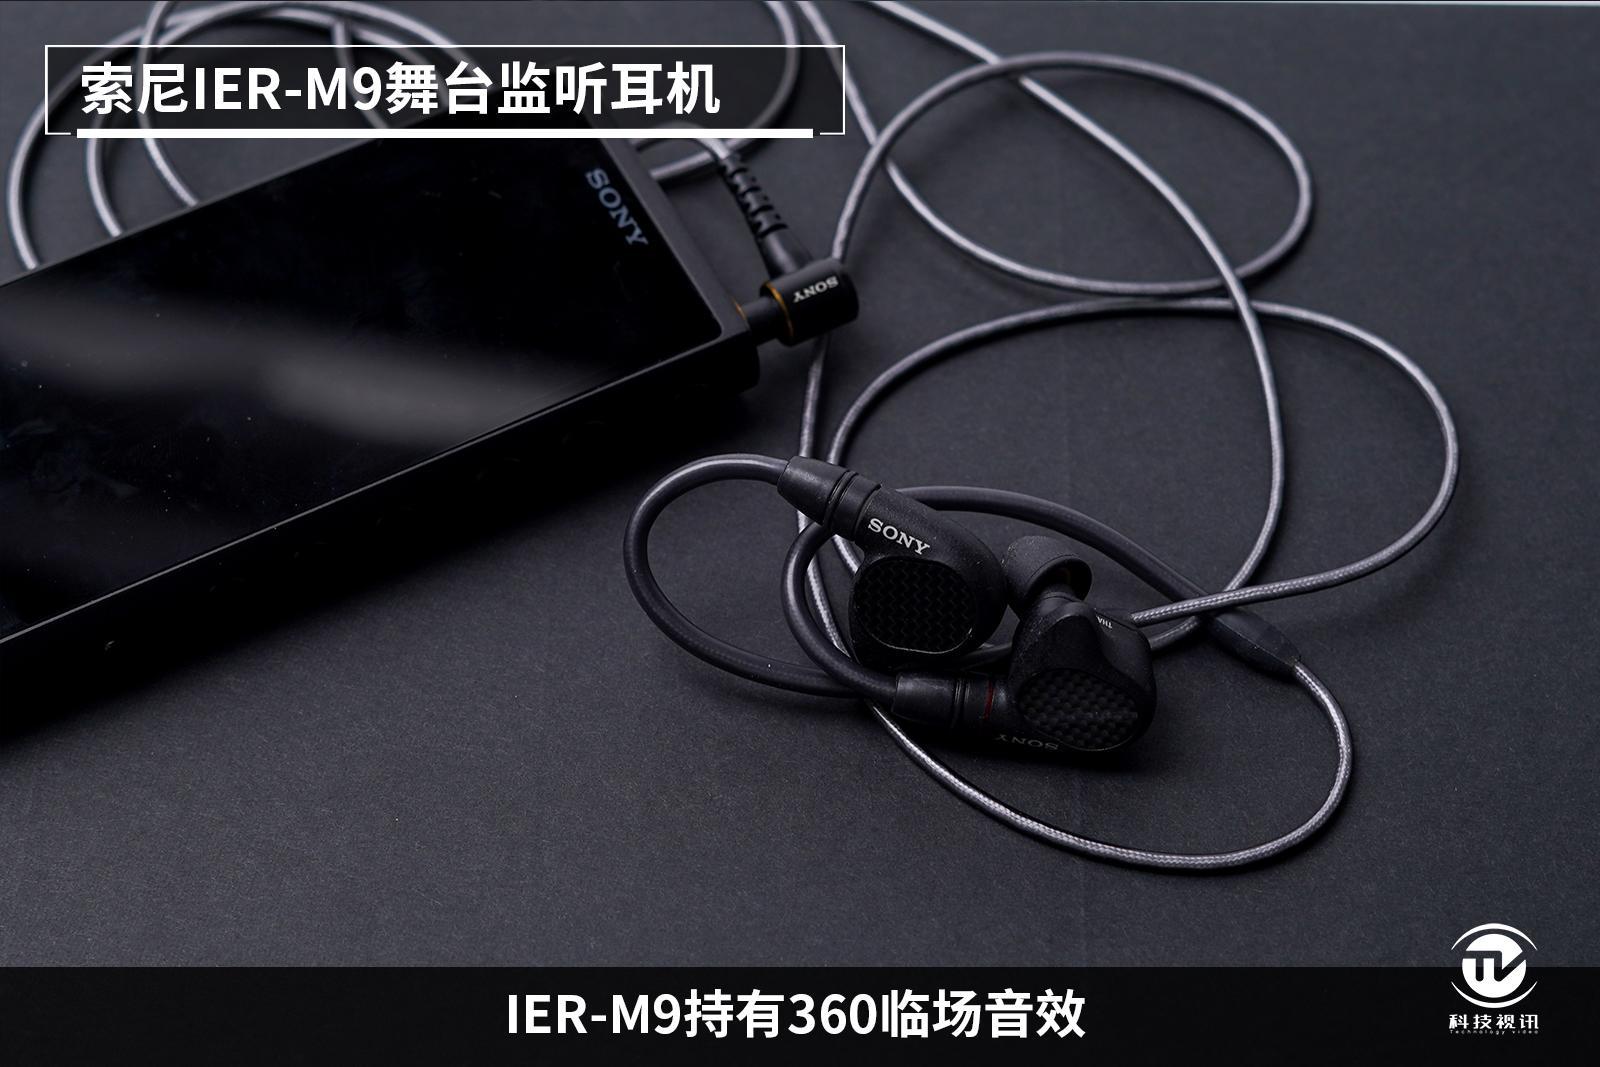 IER-M9 360音效.jpg